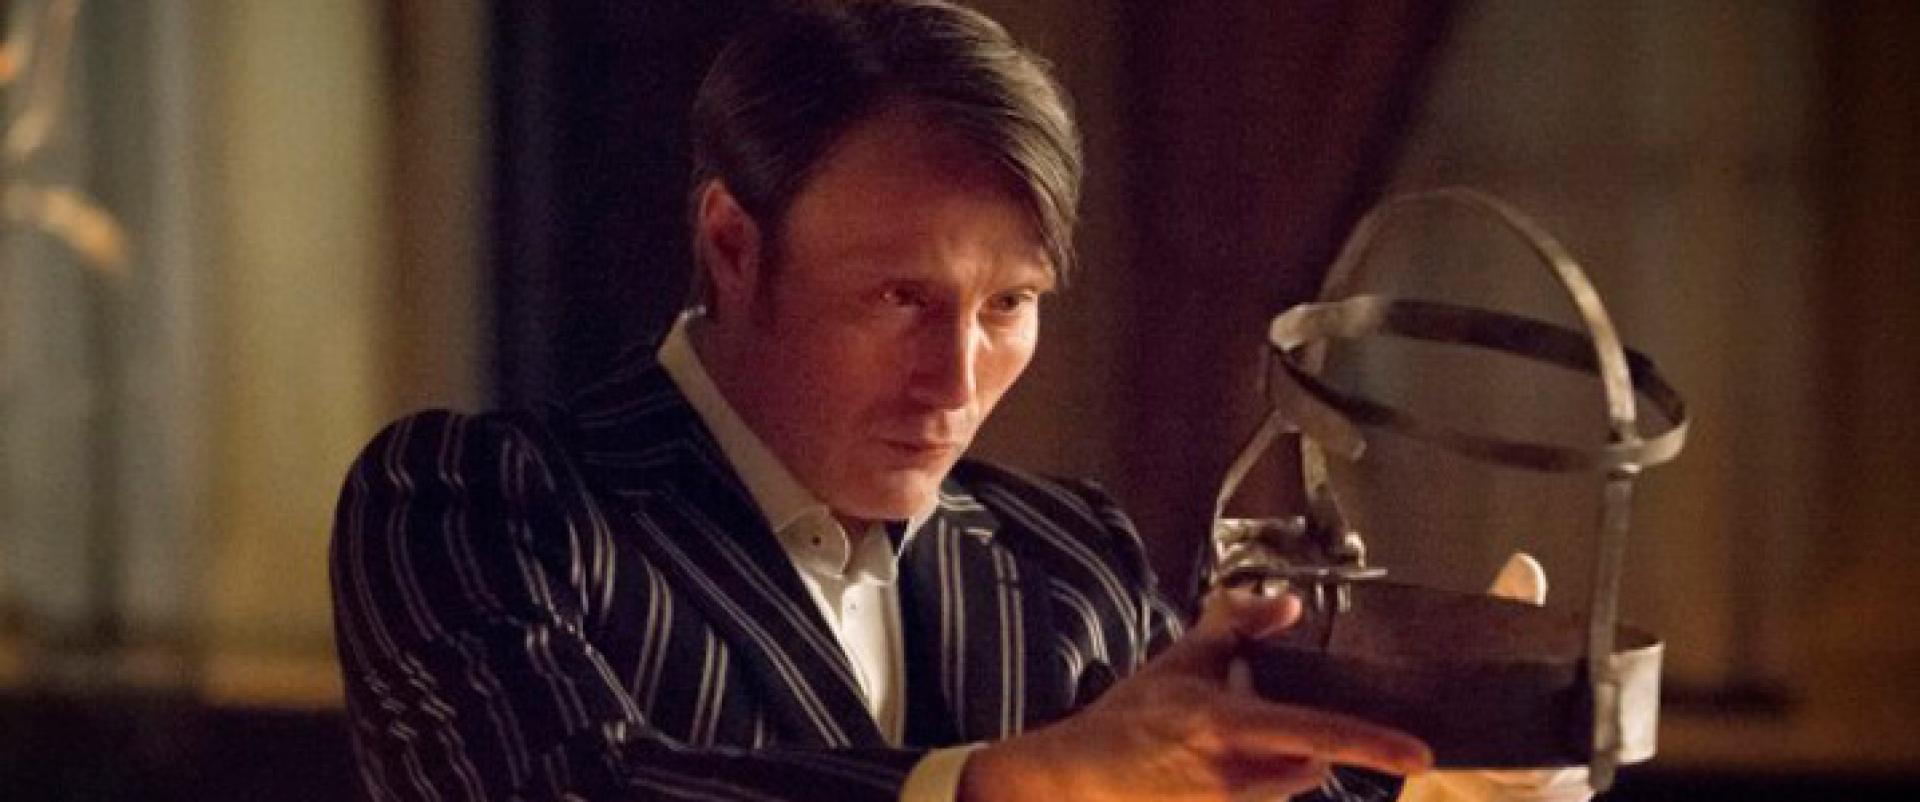 Hannibal, 3. évad: újabb trailer